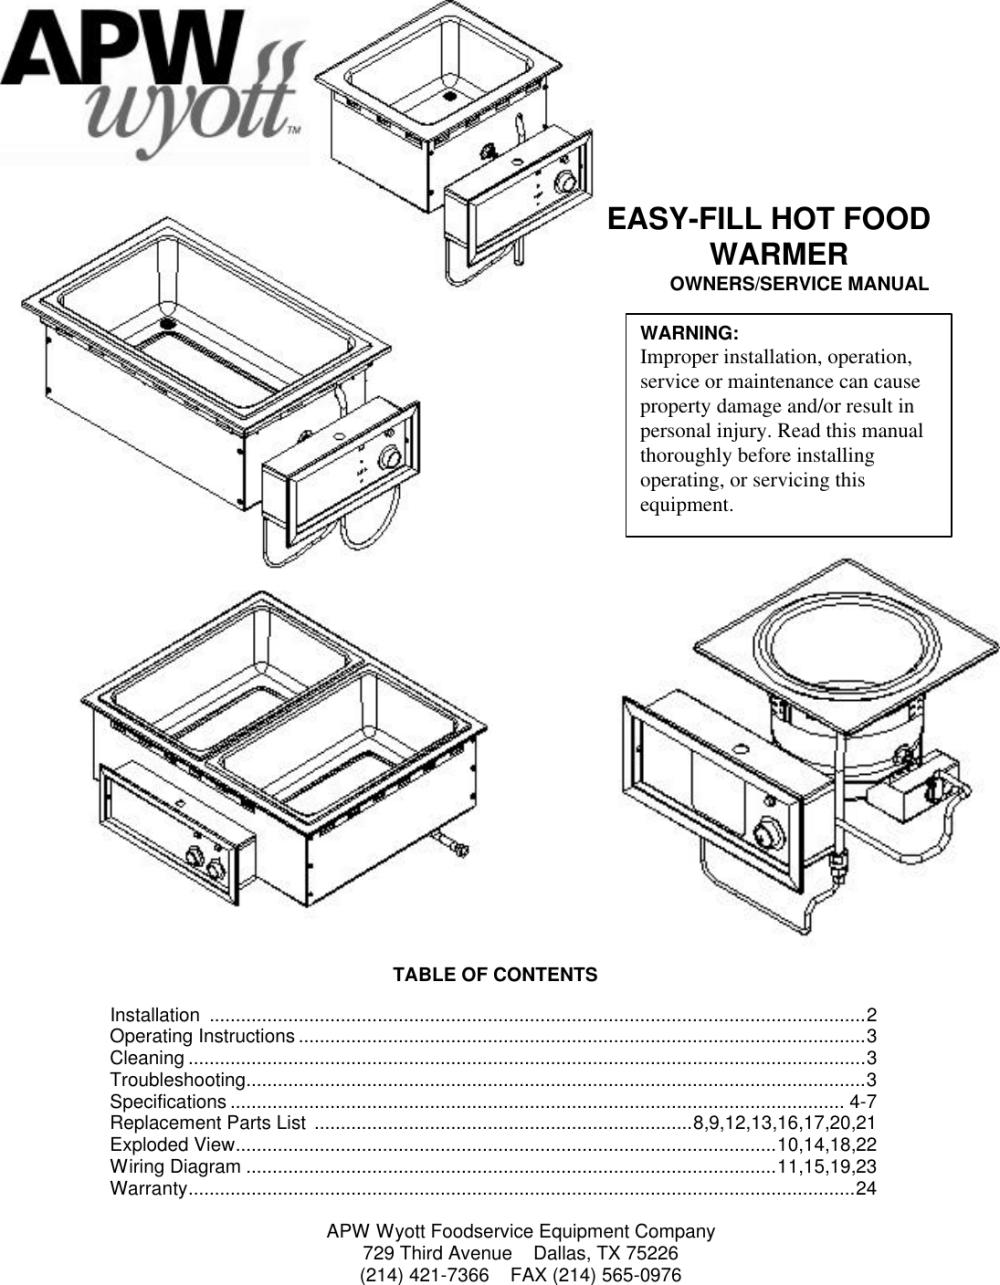 medium resolution of apw wyott hot food warmer users manual apw wyott wiring diagrams